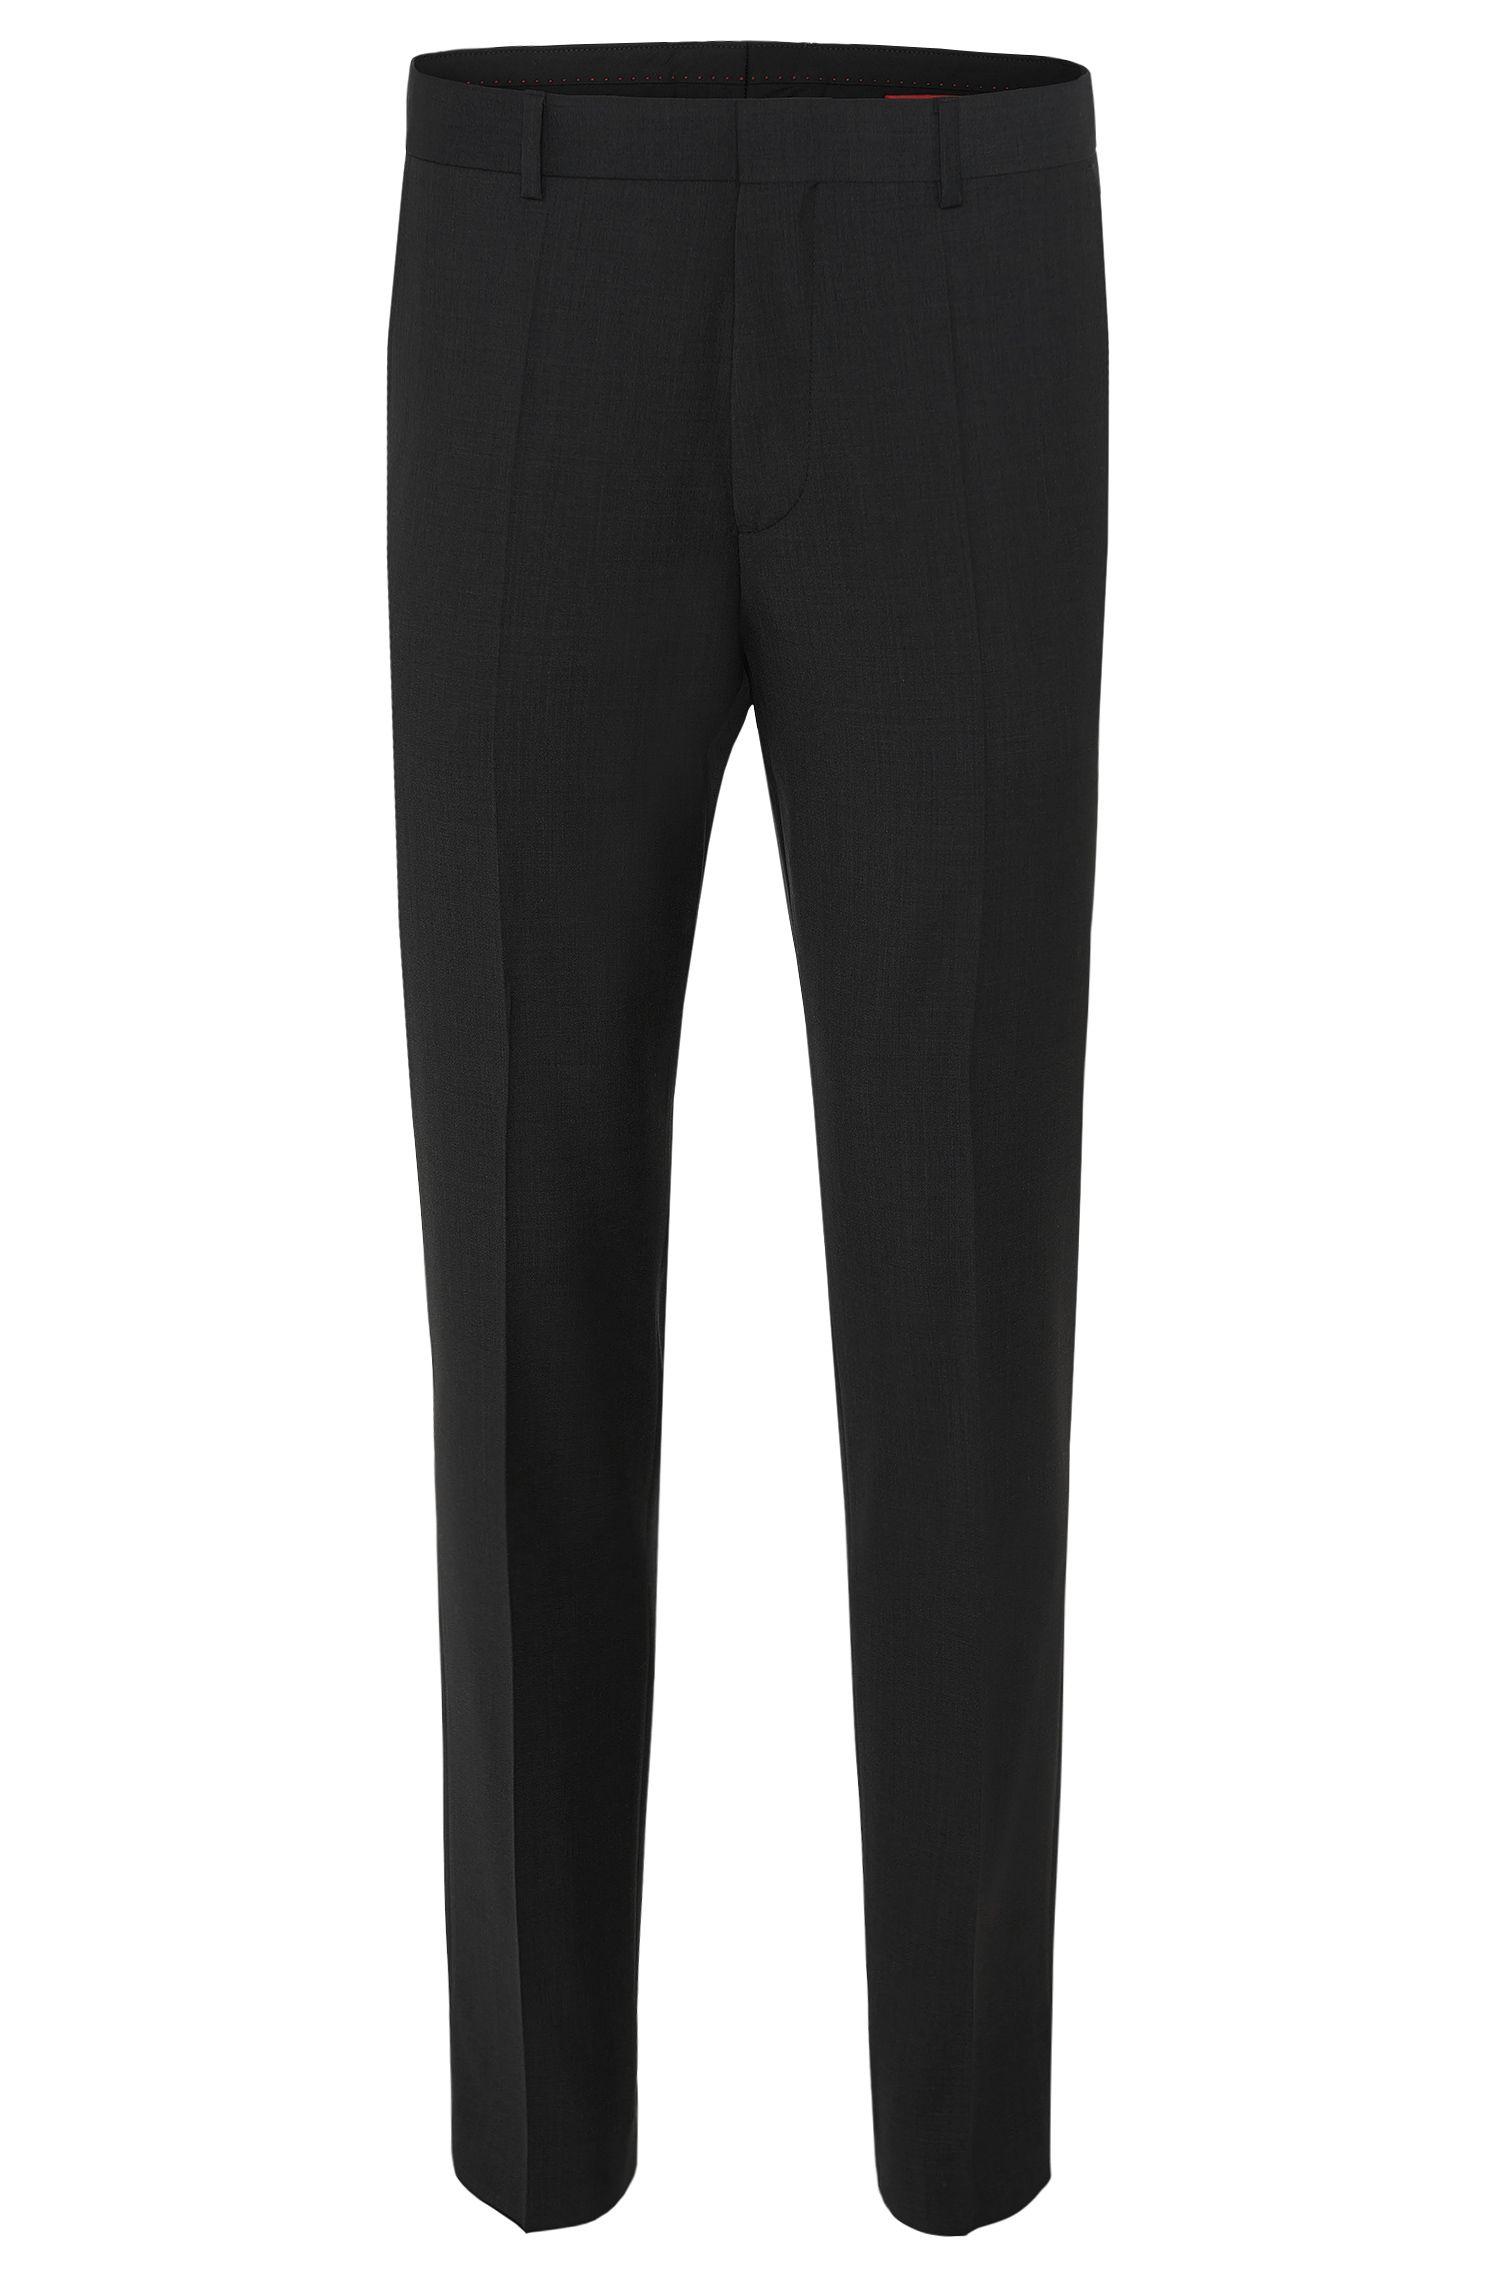 Virgin Wool Dress Pant, Slim Fit | HamenS